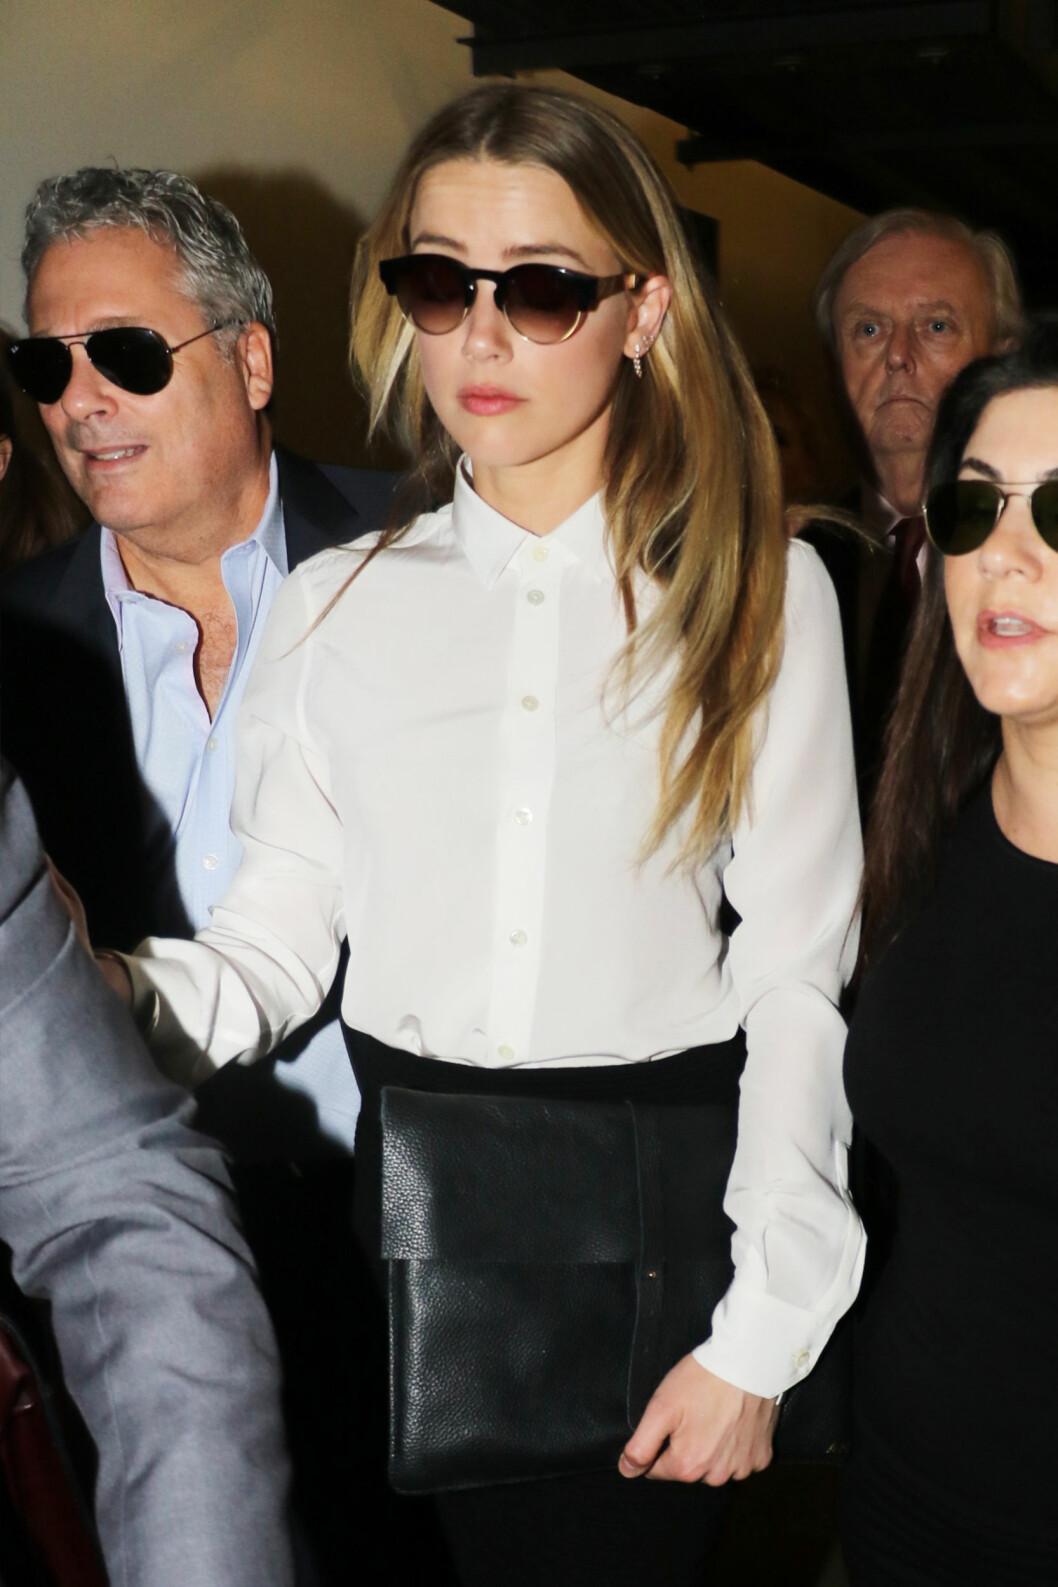 GIKK TIL SAK: Amber Heard avbildet i Los Angeles sammen med advokat-teamet sitt lørdag.  Foto: Splash News